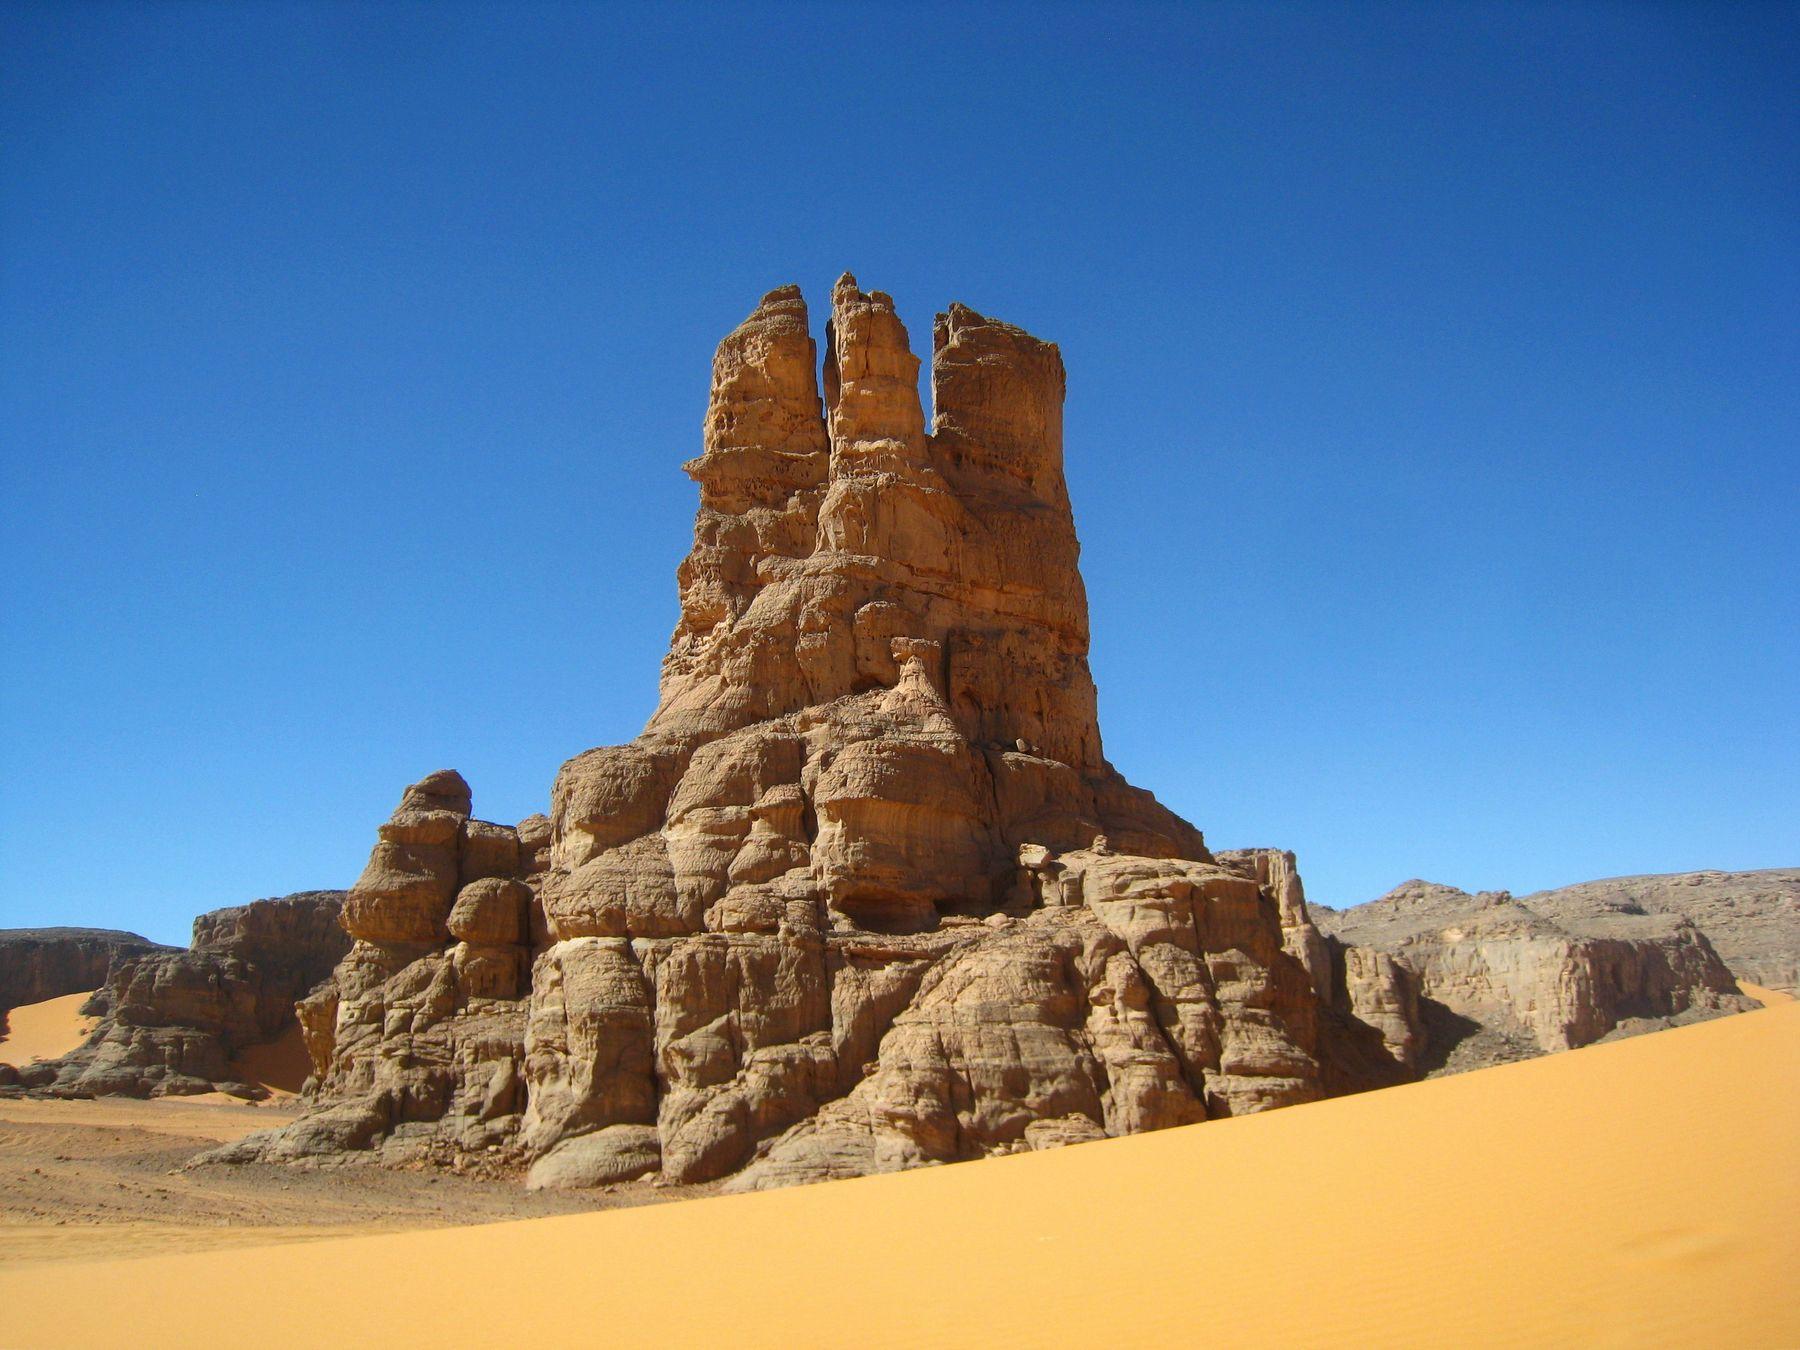 Скала. Алжир пейзаж скалы